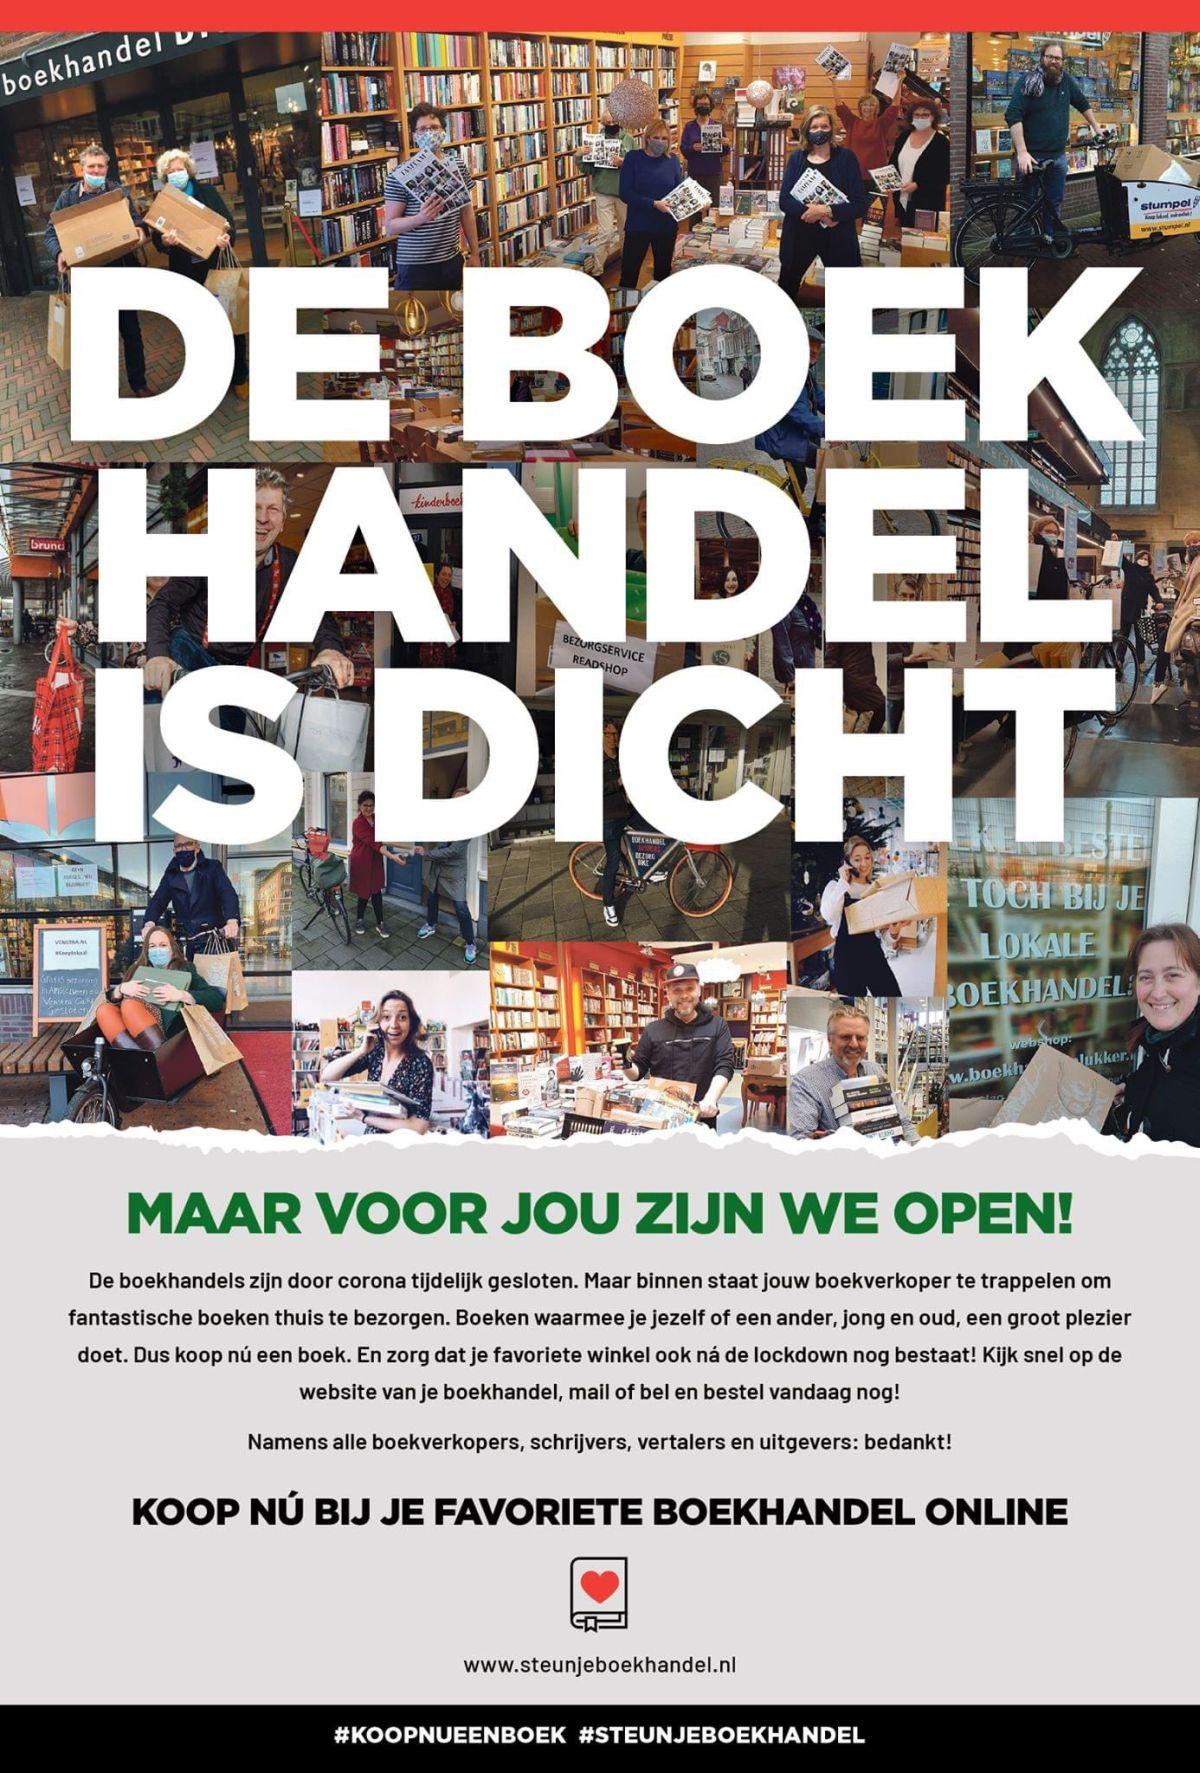 Advertentie De boekhandel is dicht van CPNB